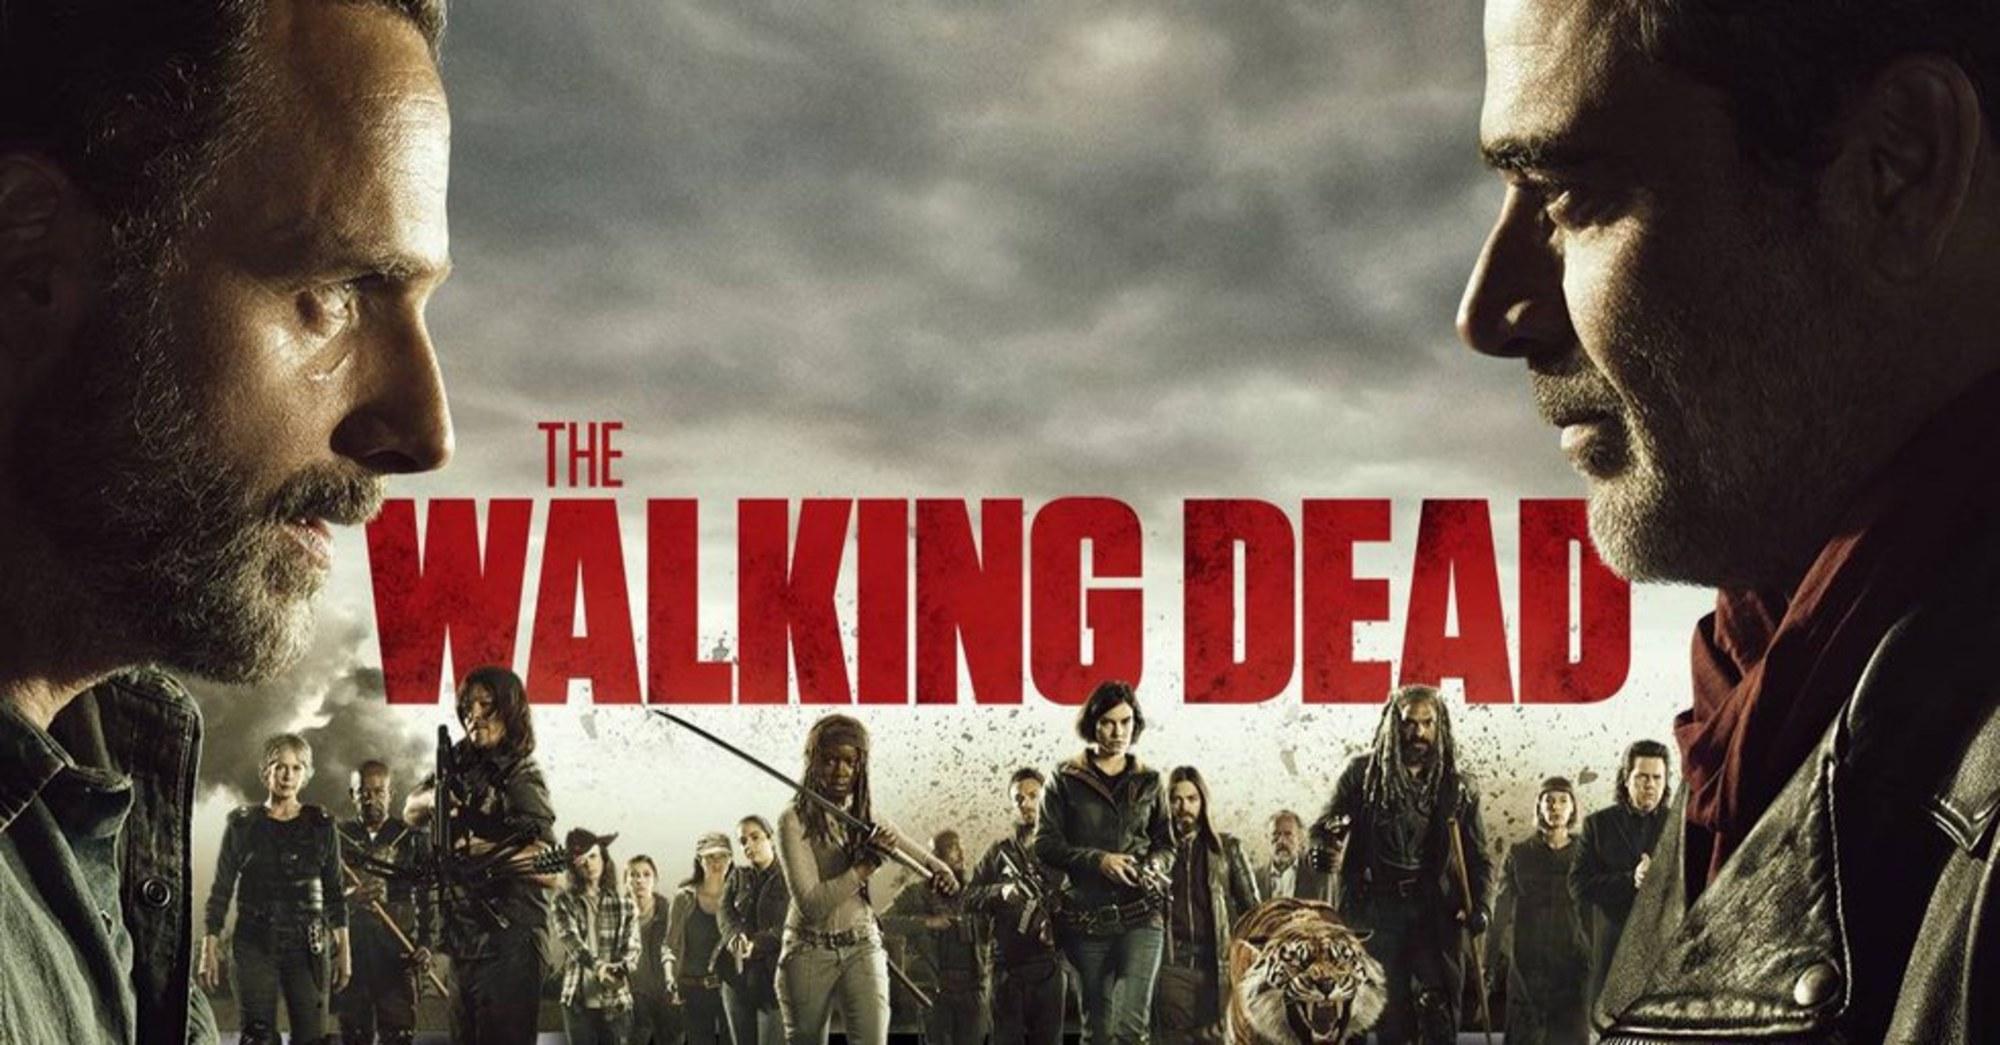 The Walking Dead - 8. SÉRIE - každé pondělí